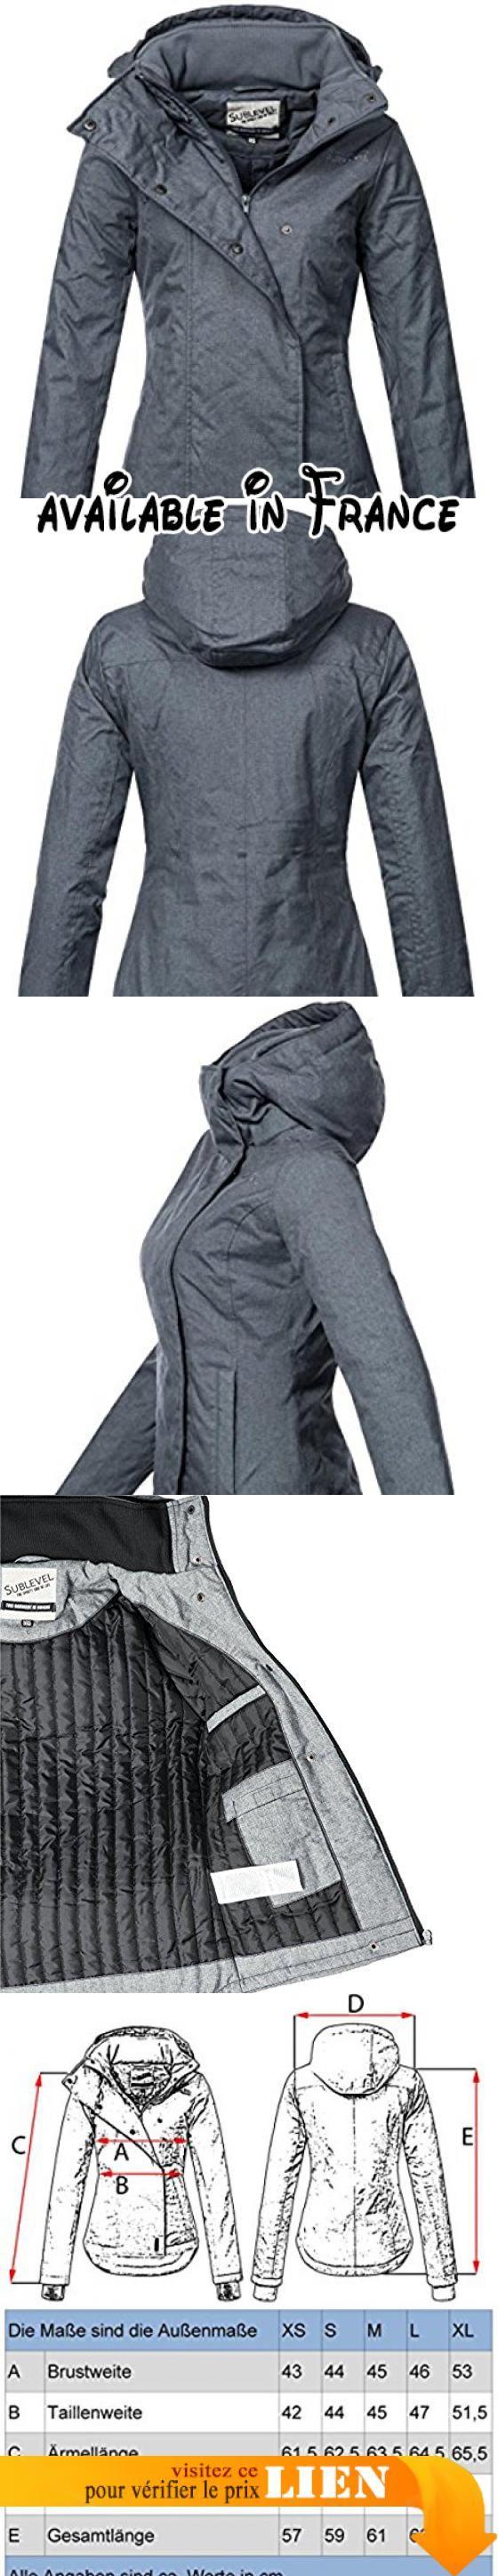 Sublevel Femme Veste d'hiver 46550d 9couleurs XS à XL -  Bleu - Large. Coupe sportive pour femme coupe-vent avec capuche amovible en melierter ou petite Optik. Cette veste pour femme est mitteldick doublé et contribue donc pas sur. Col haut fermeture éclair à l'avant, protège du vent et du froid. Ourlet est vorner un peu plus courte que l'arrière (style mulet)-Longueur idéale jusqu'à ce que le po. La veste Basic sobre et séduisent par leur design sportif et